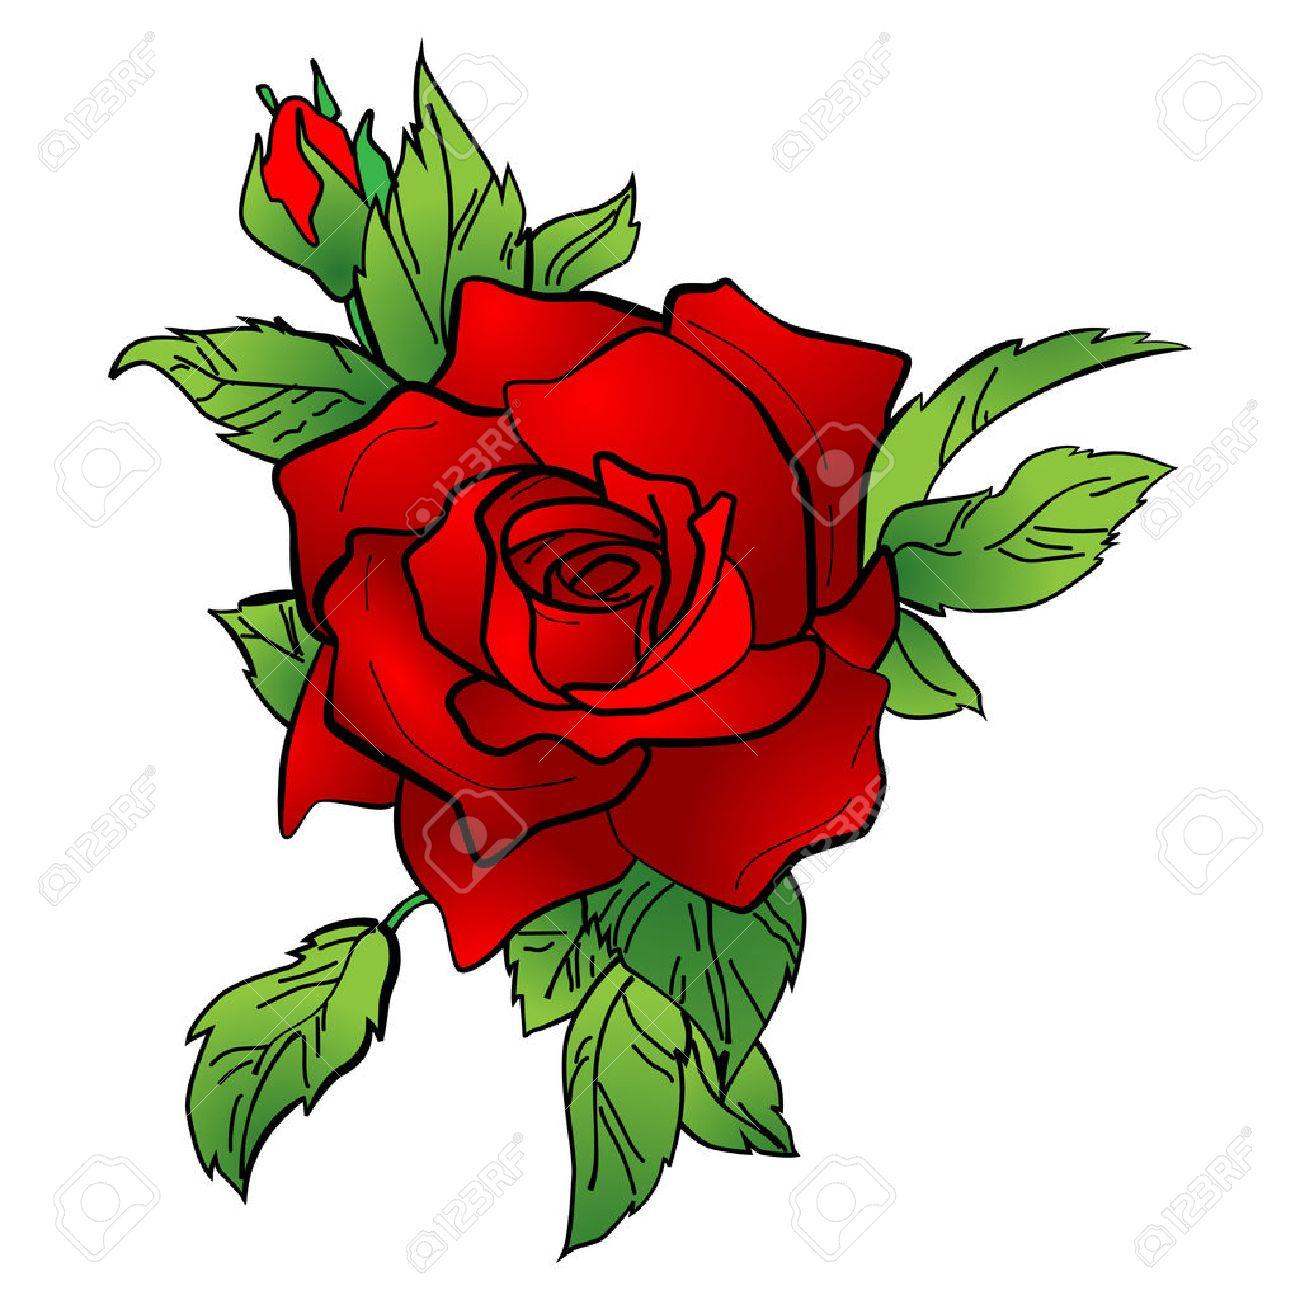 赤いバラのイラスト新しいスタイルをタトゥーしますのイラスト素材